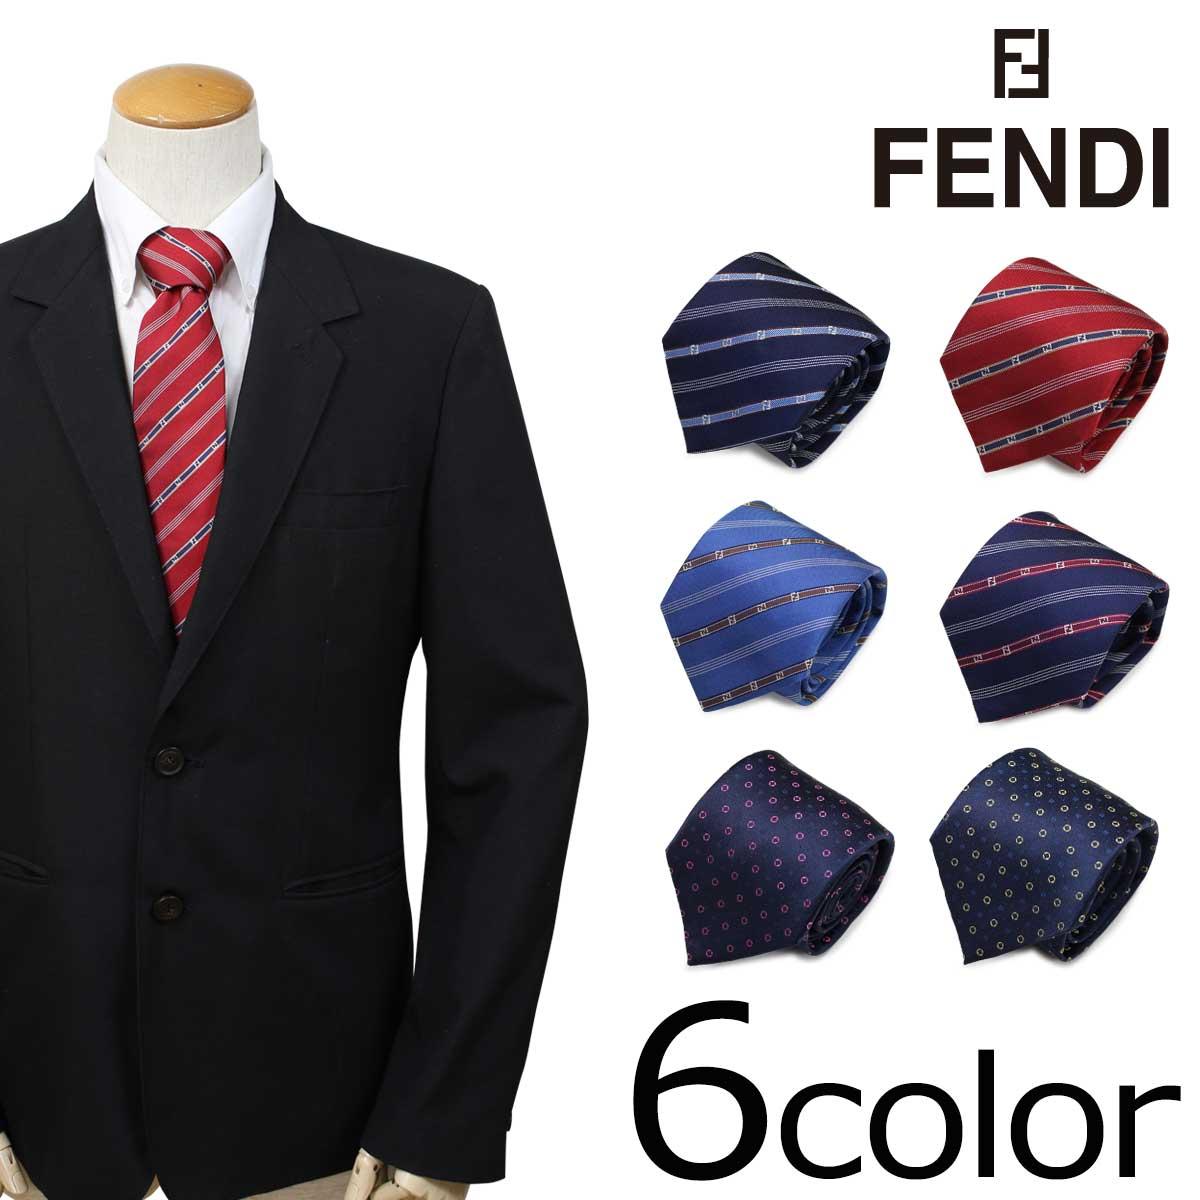 【最大2000円OFFクーポン配布】 FENDI フェンディ ネクタイ シルク イタリア製 ビジネス 結婚式 メンズ